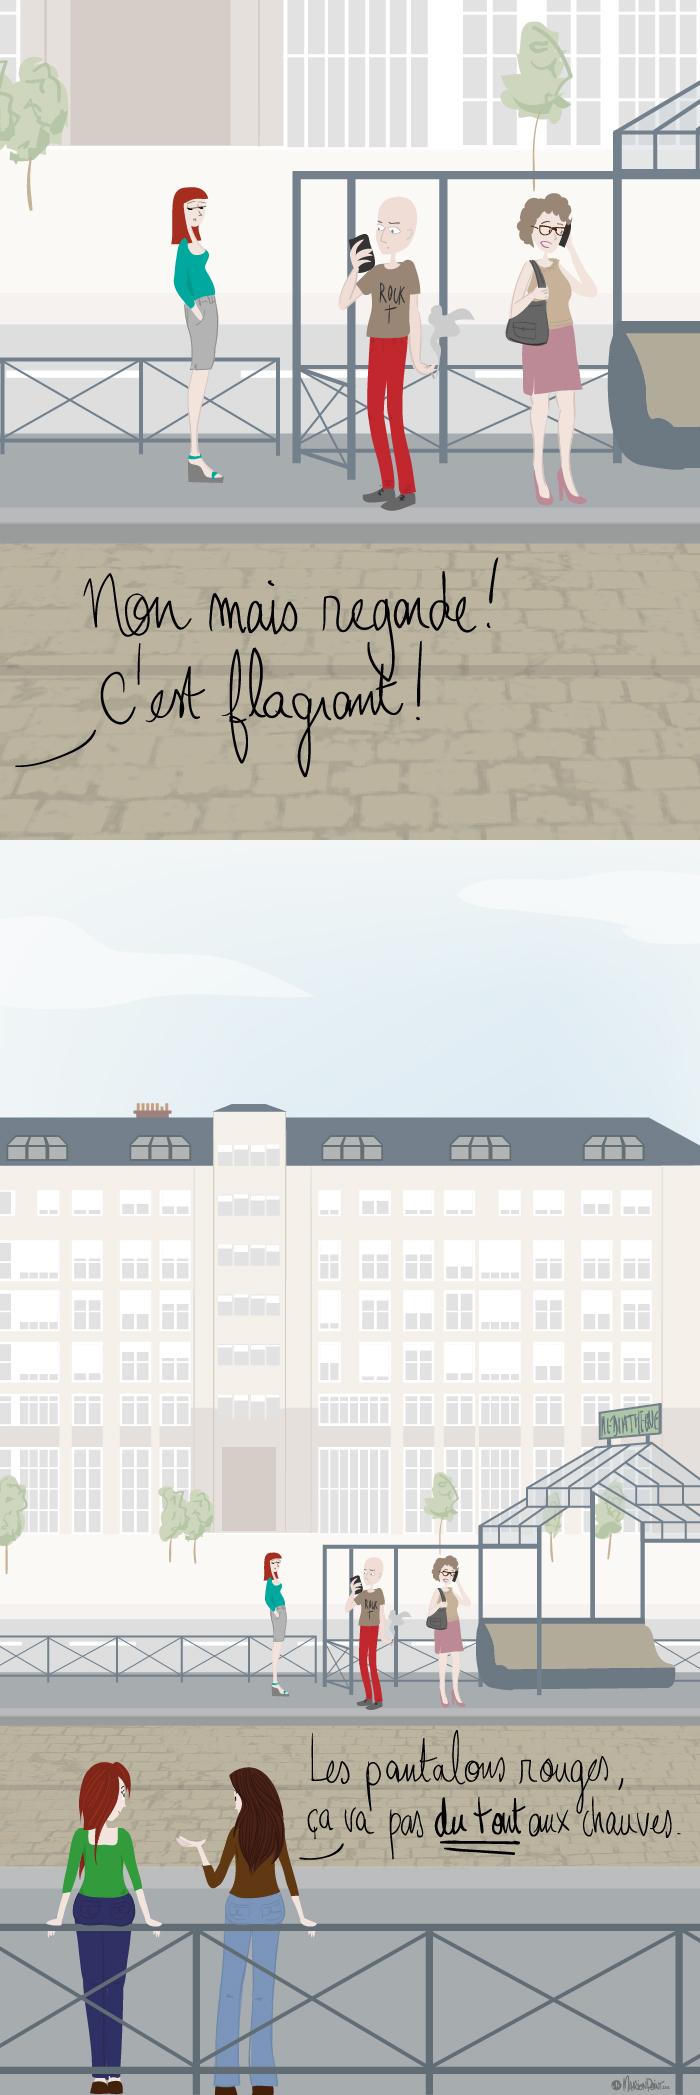 les_pantalons_rouges-01